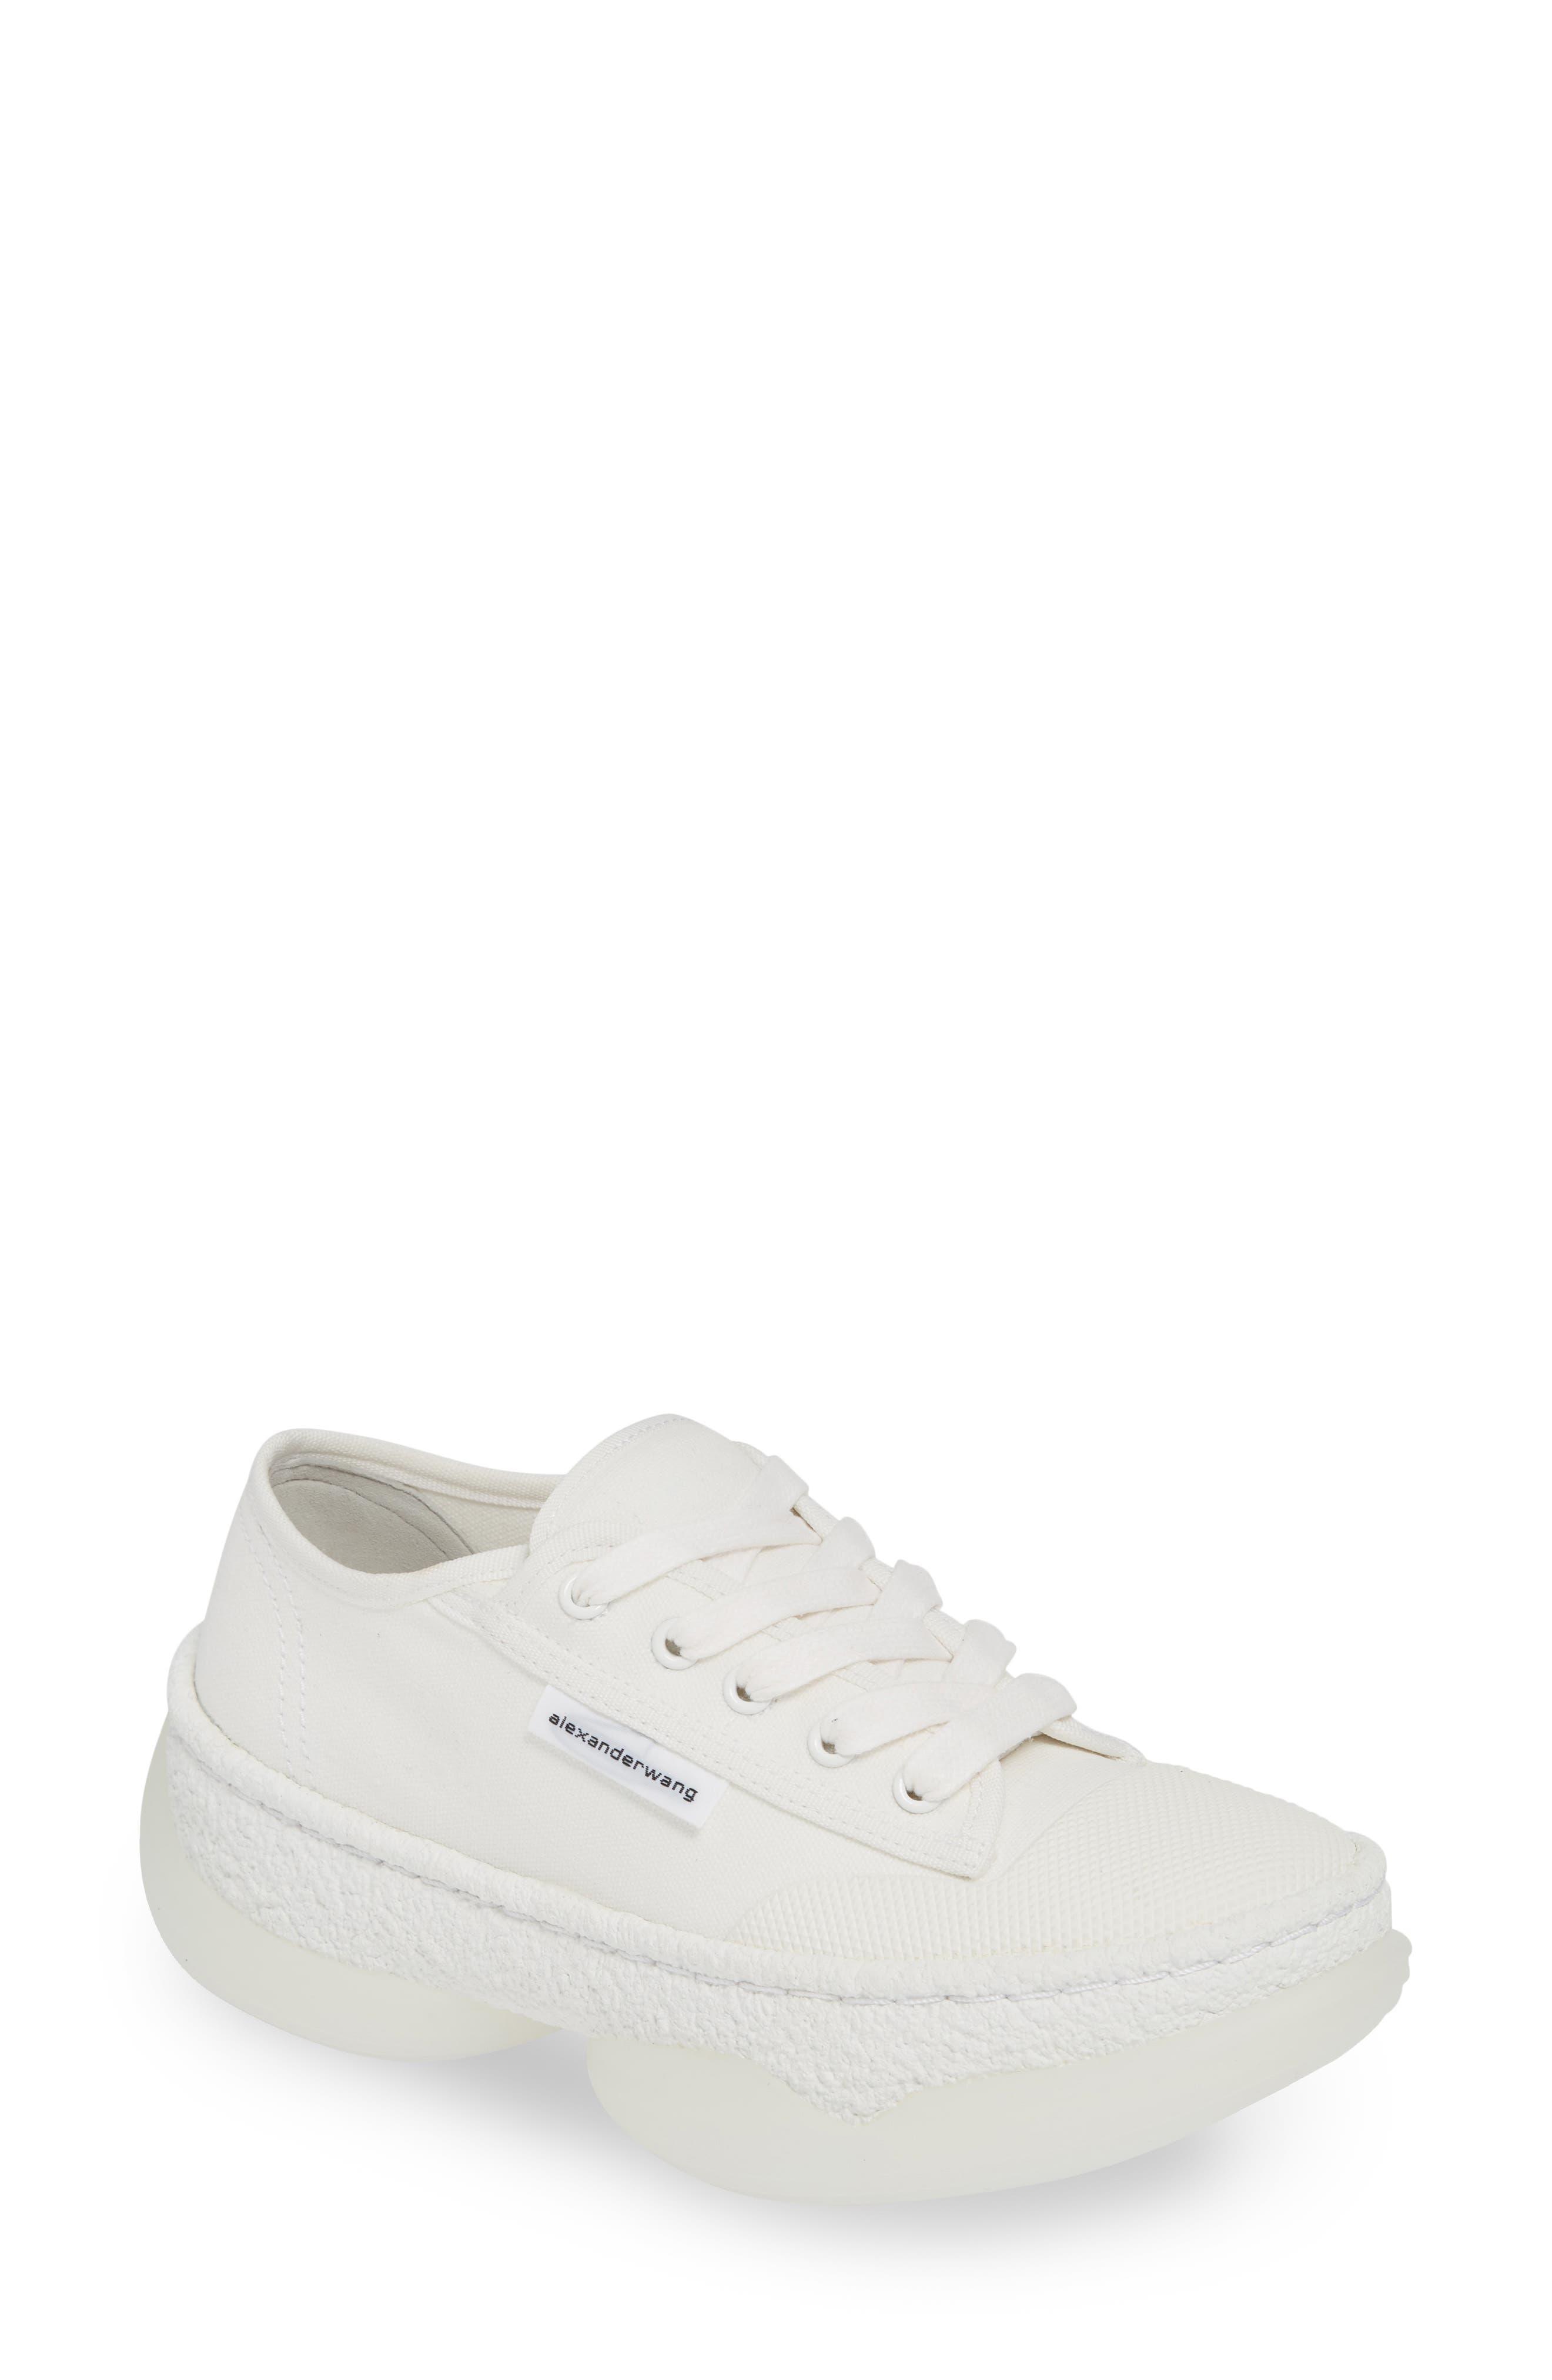 Alexander Wang A1 Sneaker - White